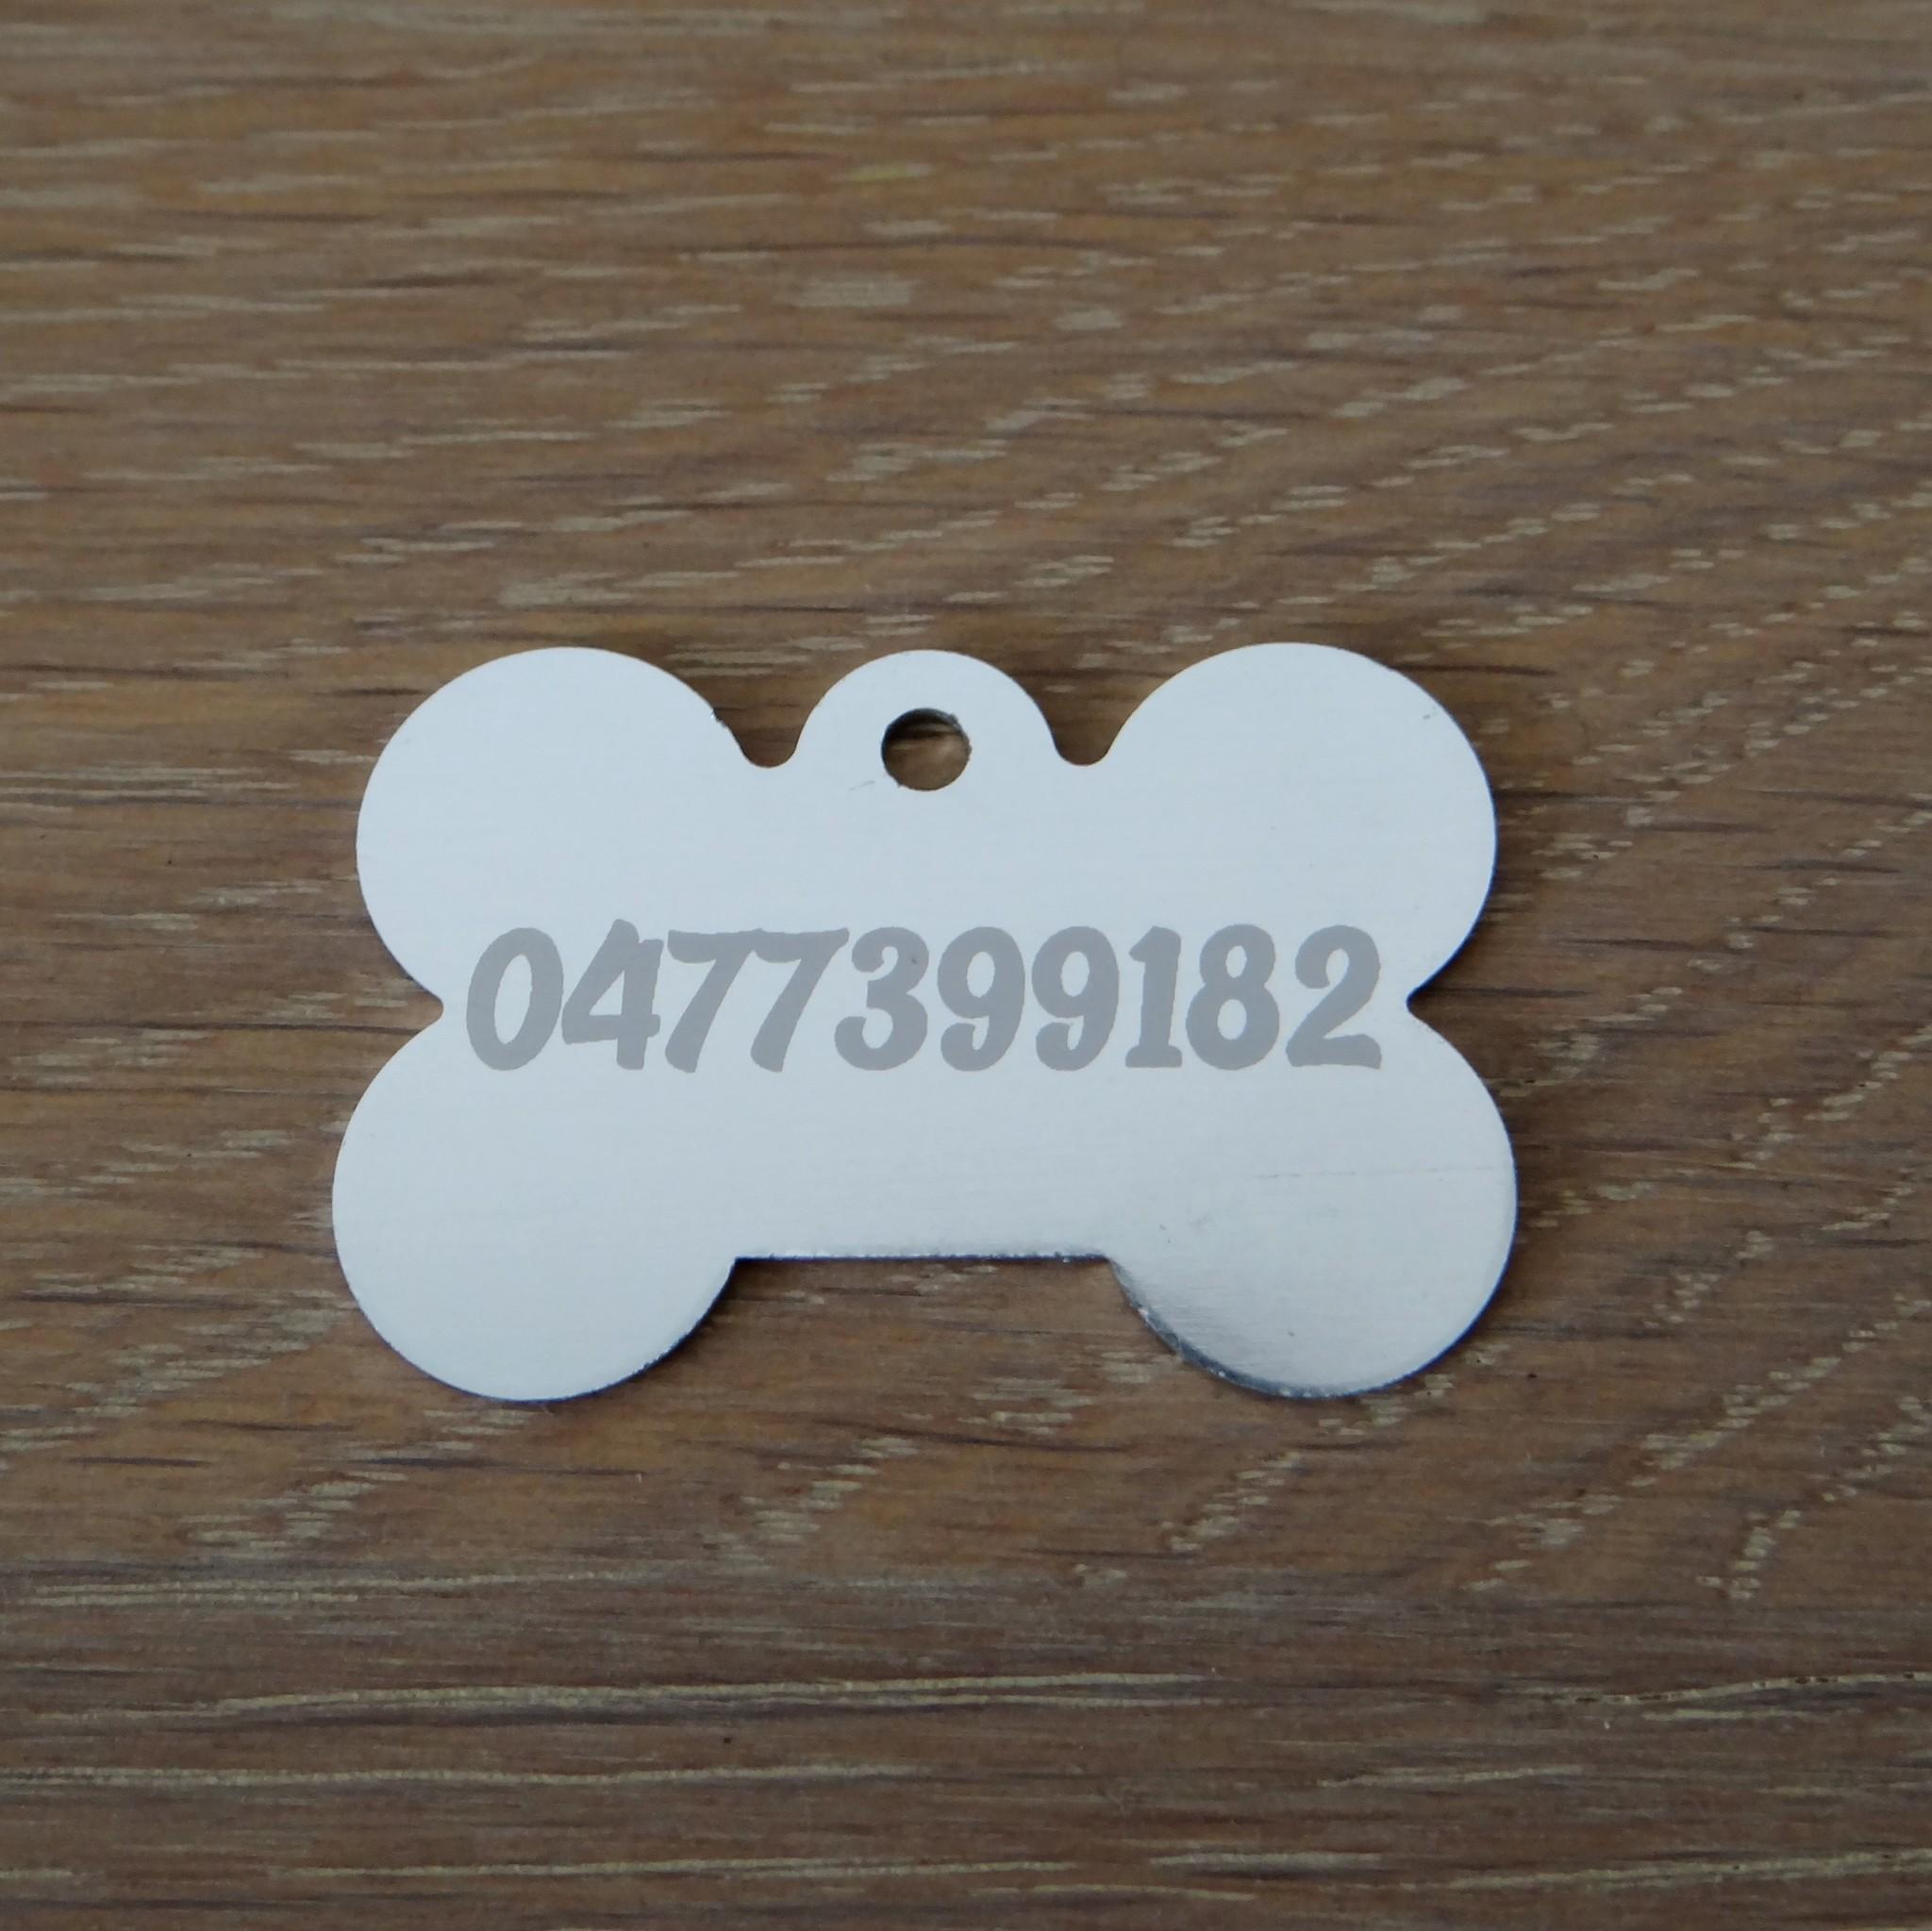 hondenpenning met naam